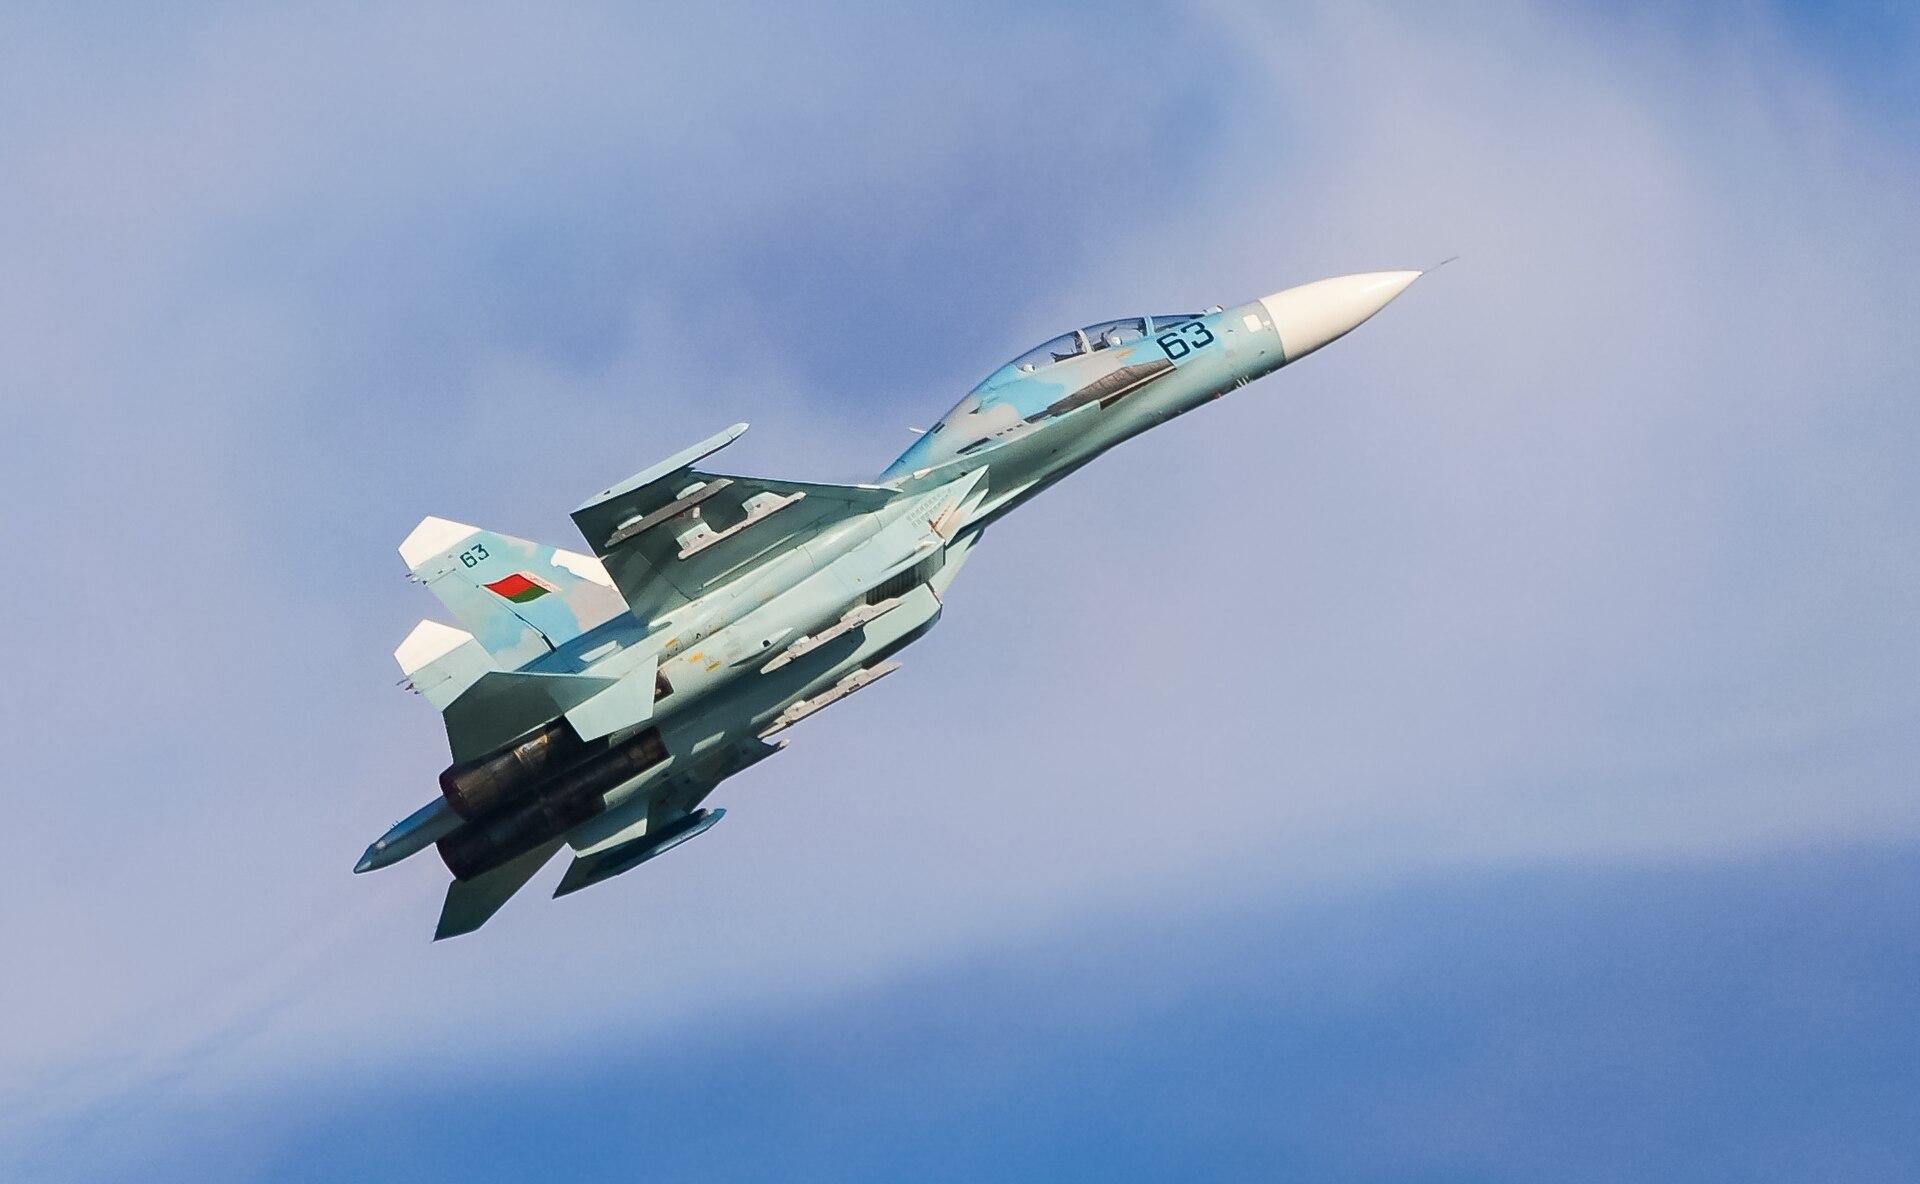 السودان ربما استلم اعداد اضافيه من مقاتلات Su-24 Fencer 1920px-Su-27UBM_Radom_2009_c